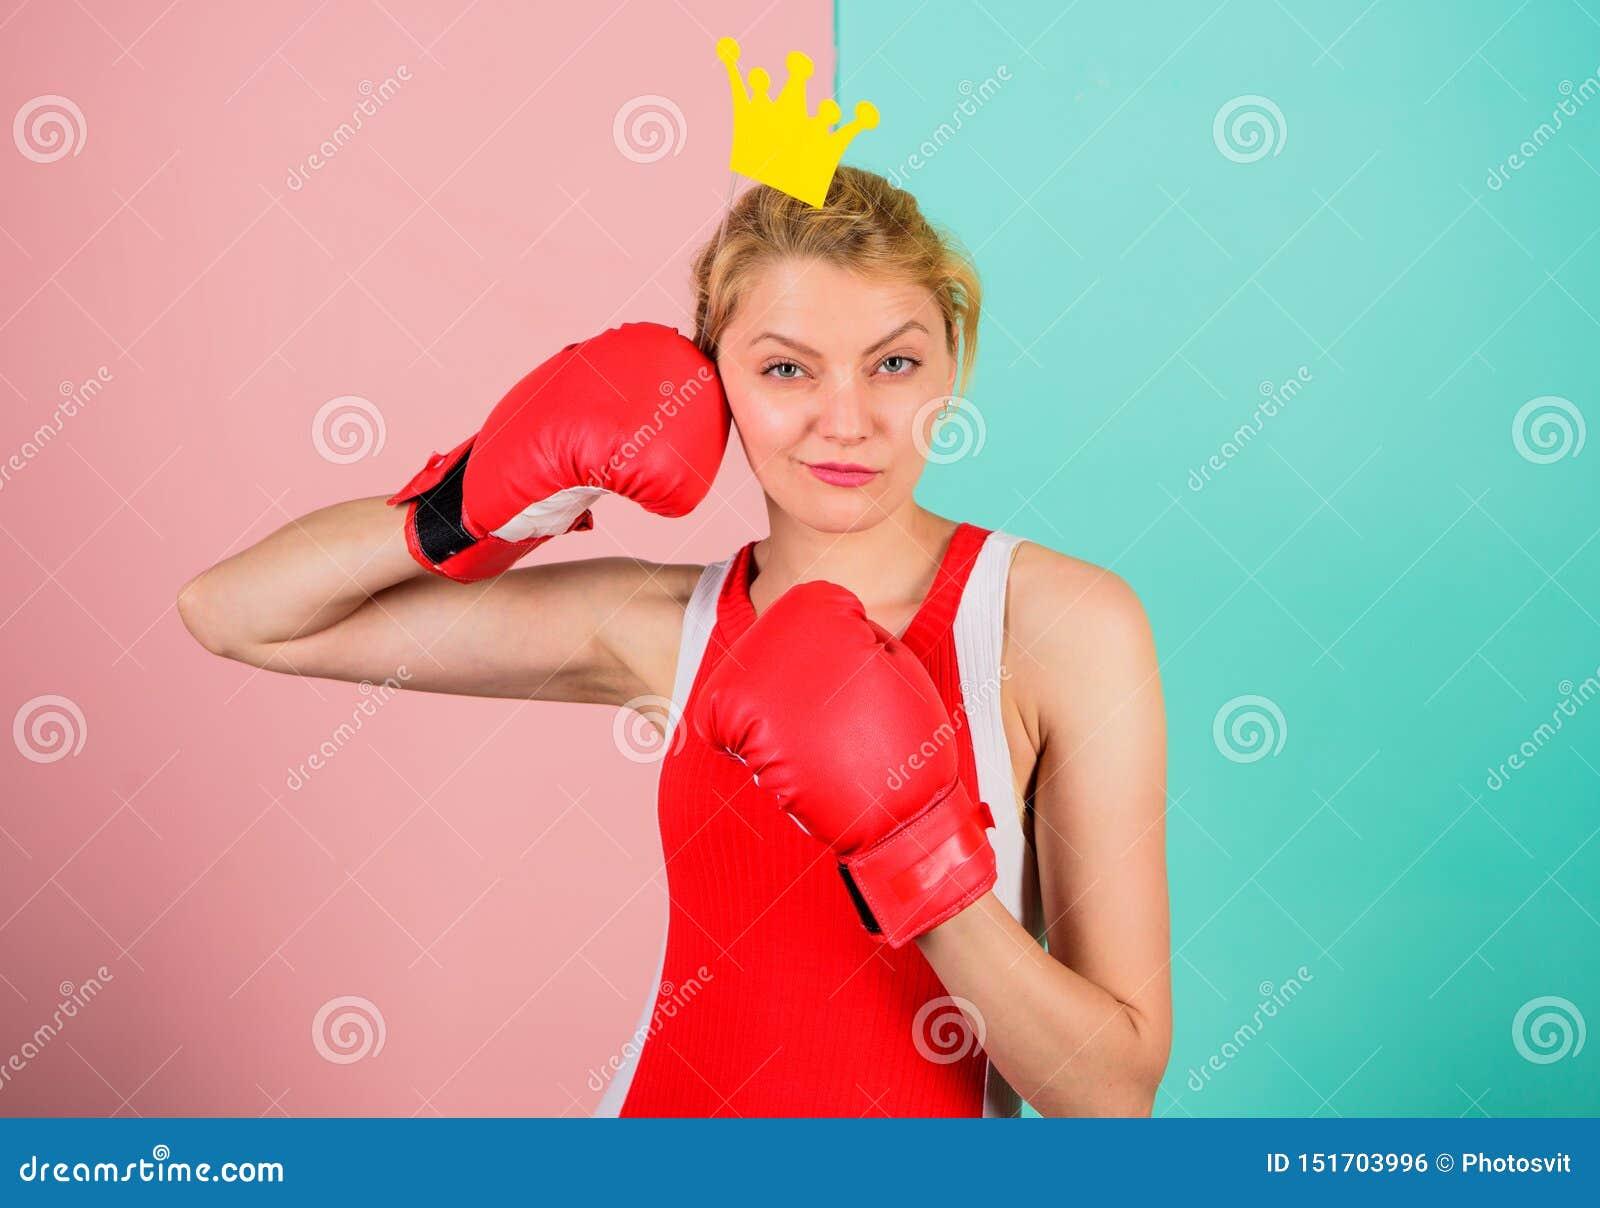 Rainha do esporte Torne-se o melhor no esporte do encaixotamento O louro macio feminino com coroa da rainha veste luvas de encaix